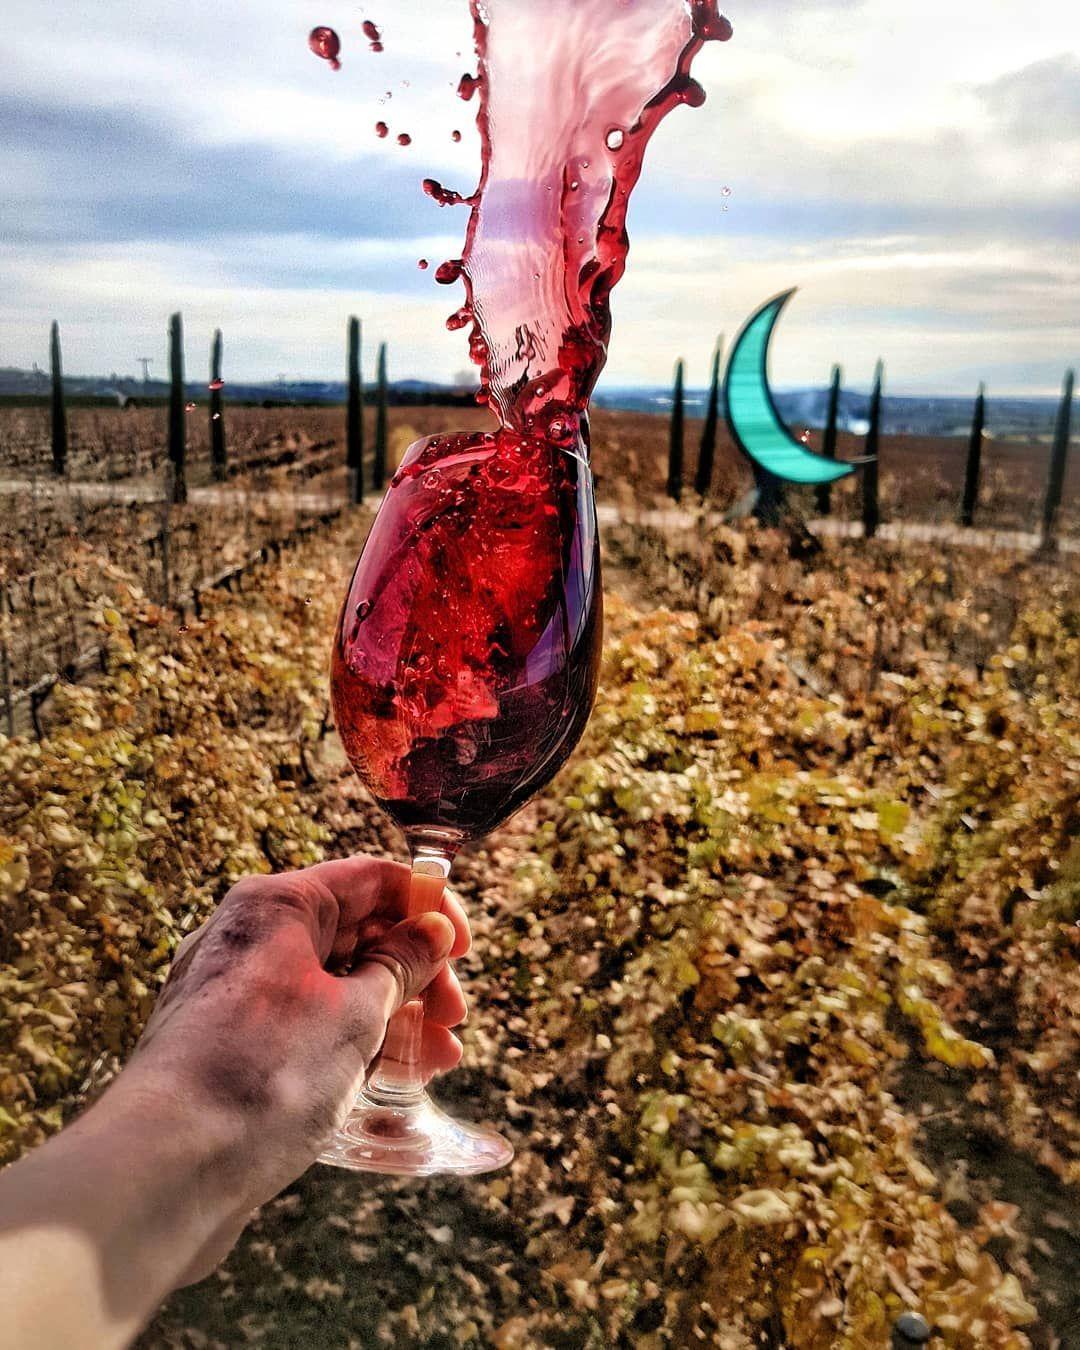 Swirling Wine In The Greek Vineyards Lapassionduvin Wineswirls Wine Gini Wine Photography Wine Rioja